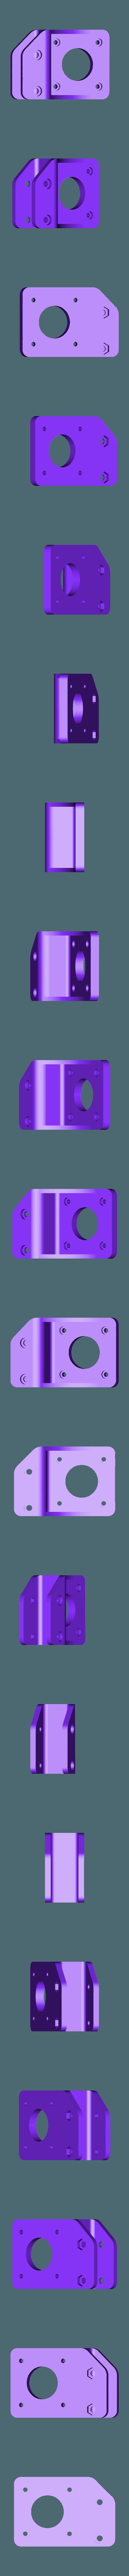 Motor_Mount_v2-0_y-axis.STL Télécharger fichier STL gratuit Montage moteur décalé (RigidBot) • Plan pour impression 3D, WalterHsiao